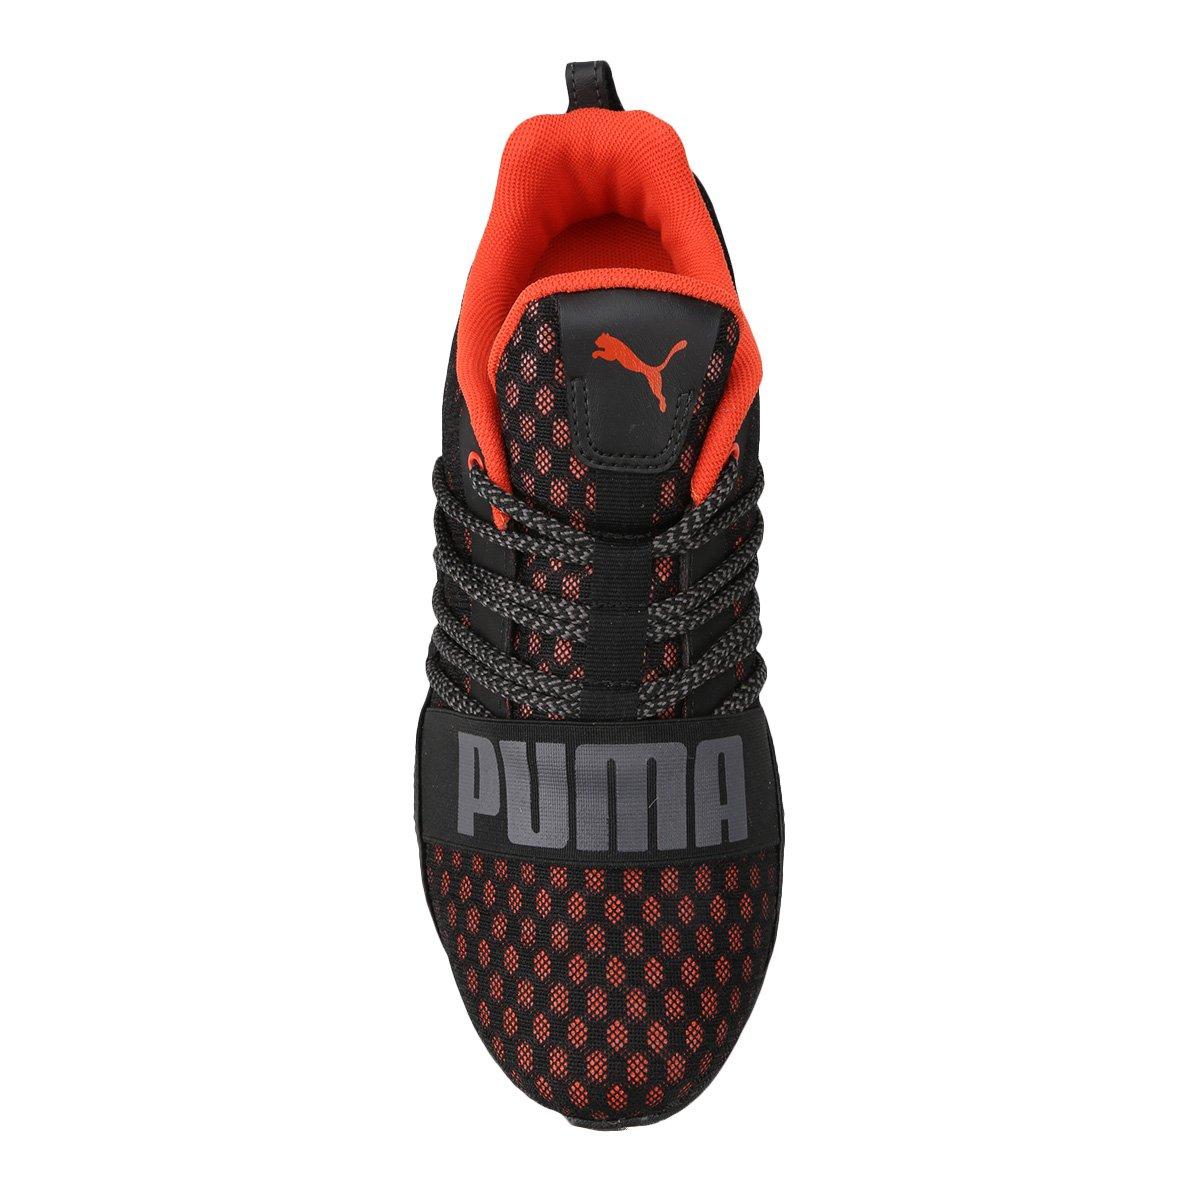 a7e6618fc2 Tênis Puma Voltage 180 Sl Bdp - Compre Agora